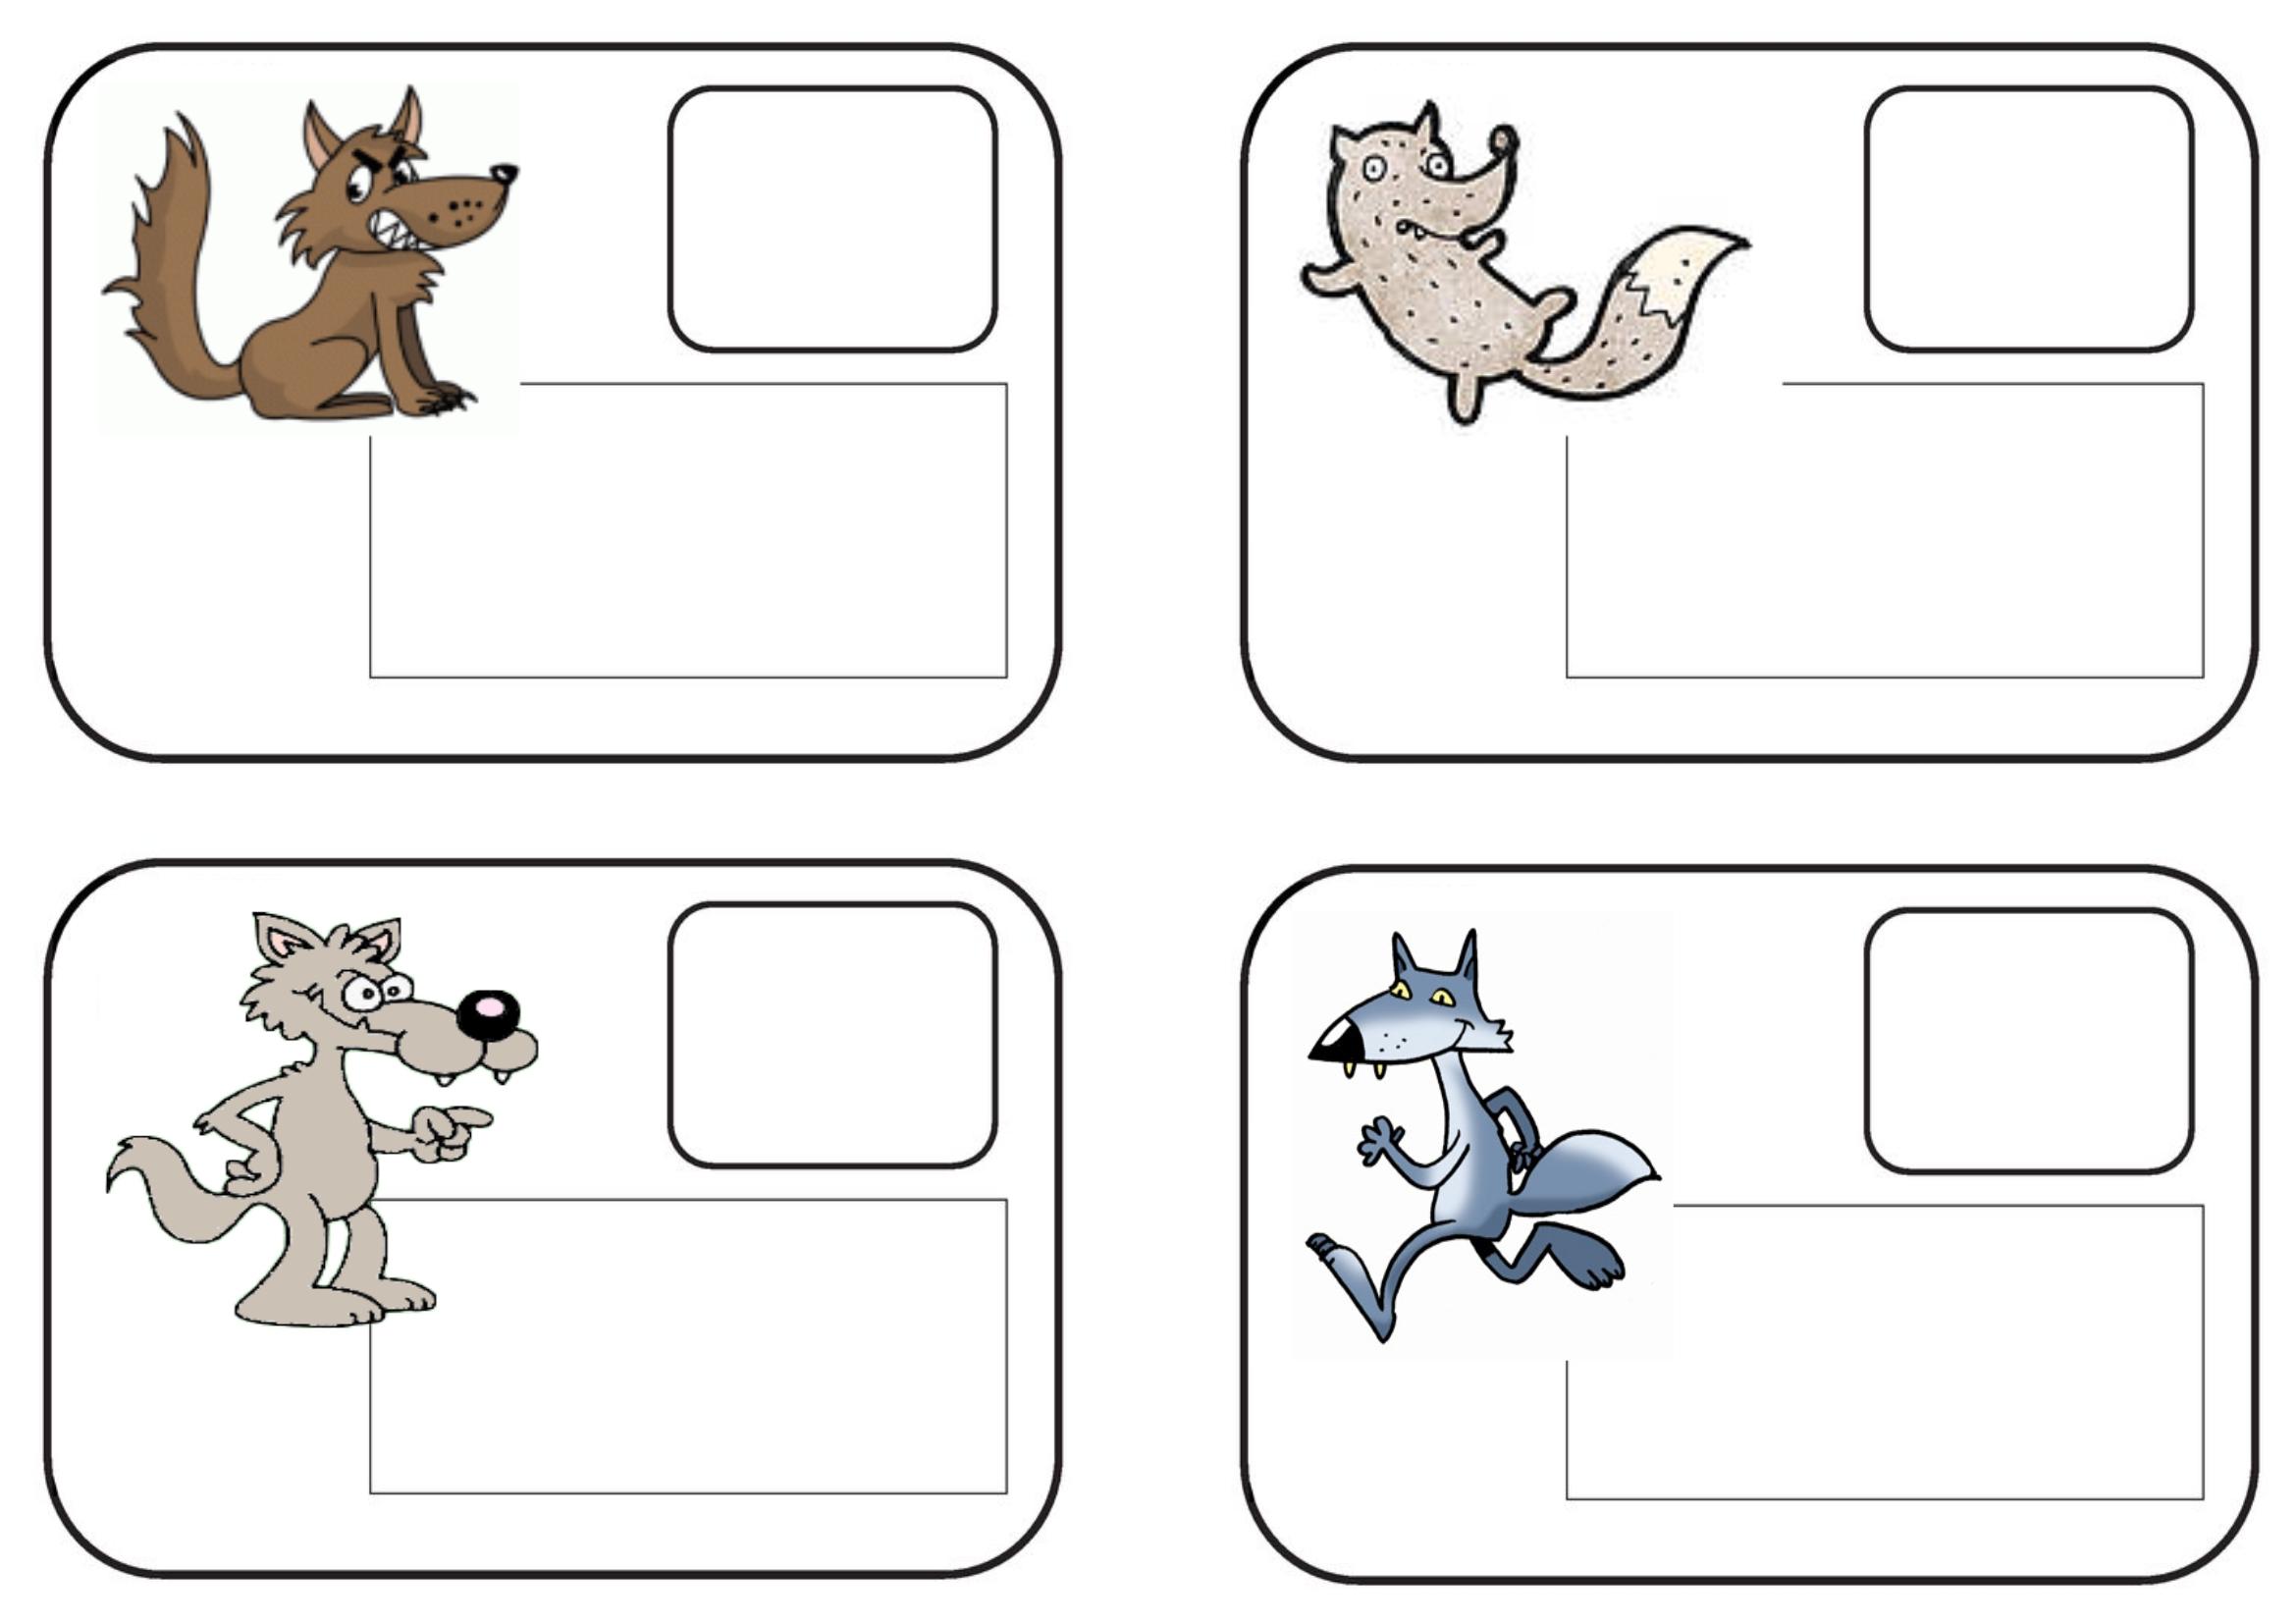 Etiquettes de porte manteaux les p 39 tits loups - Etiquette porte manteau maternelle imprimer ...